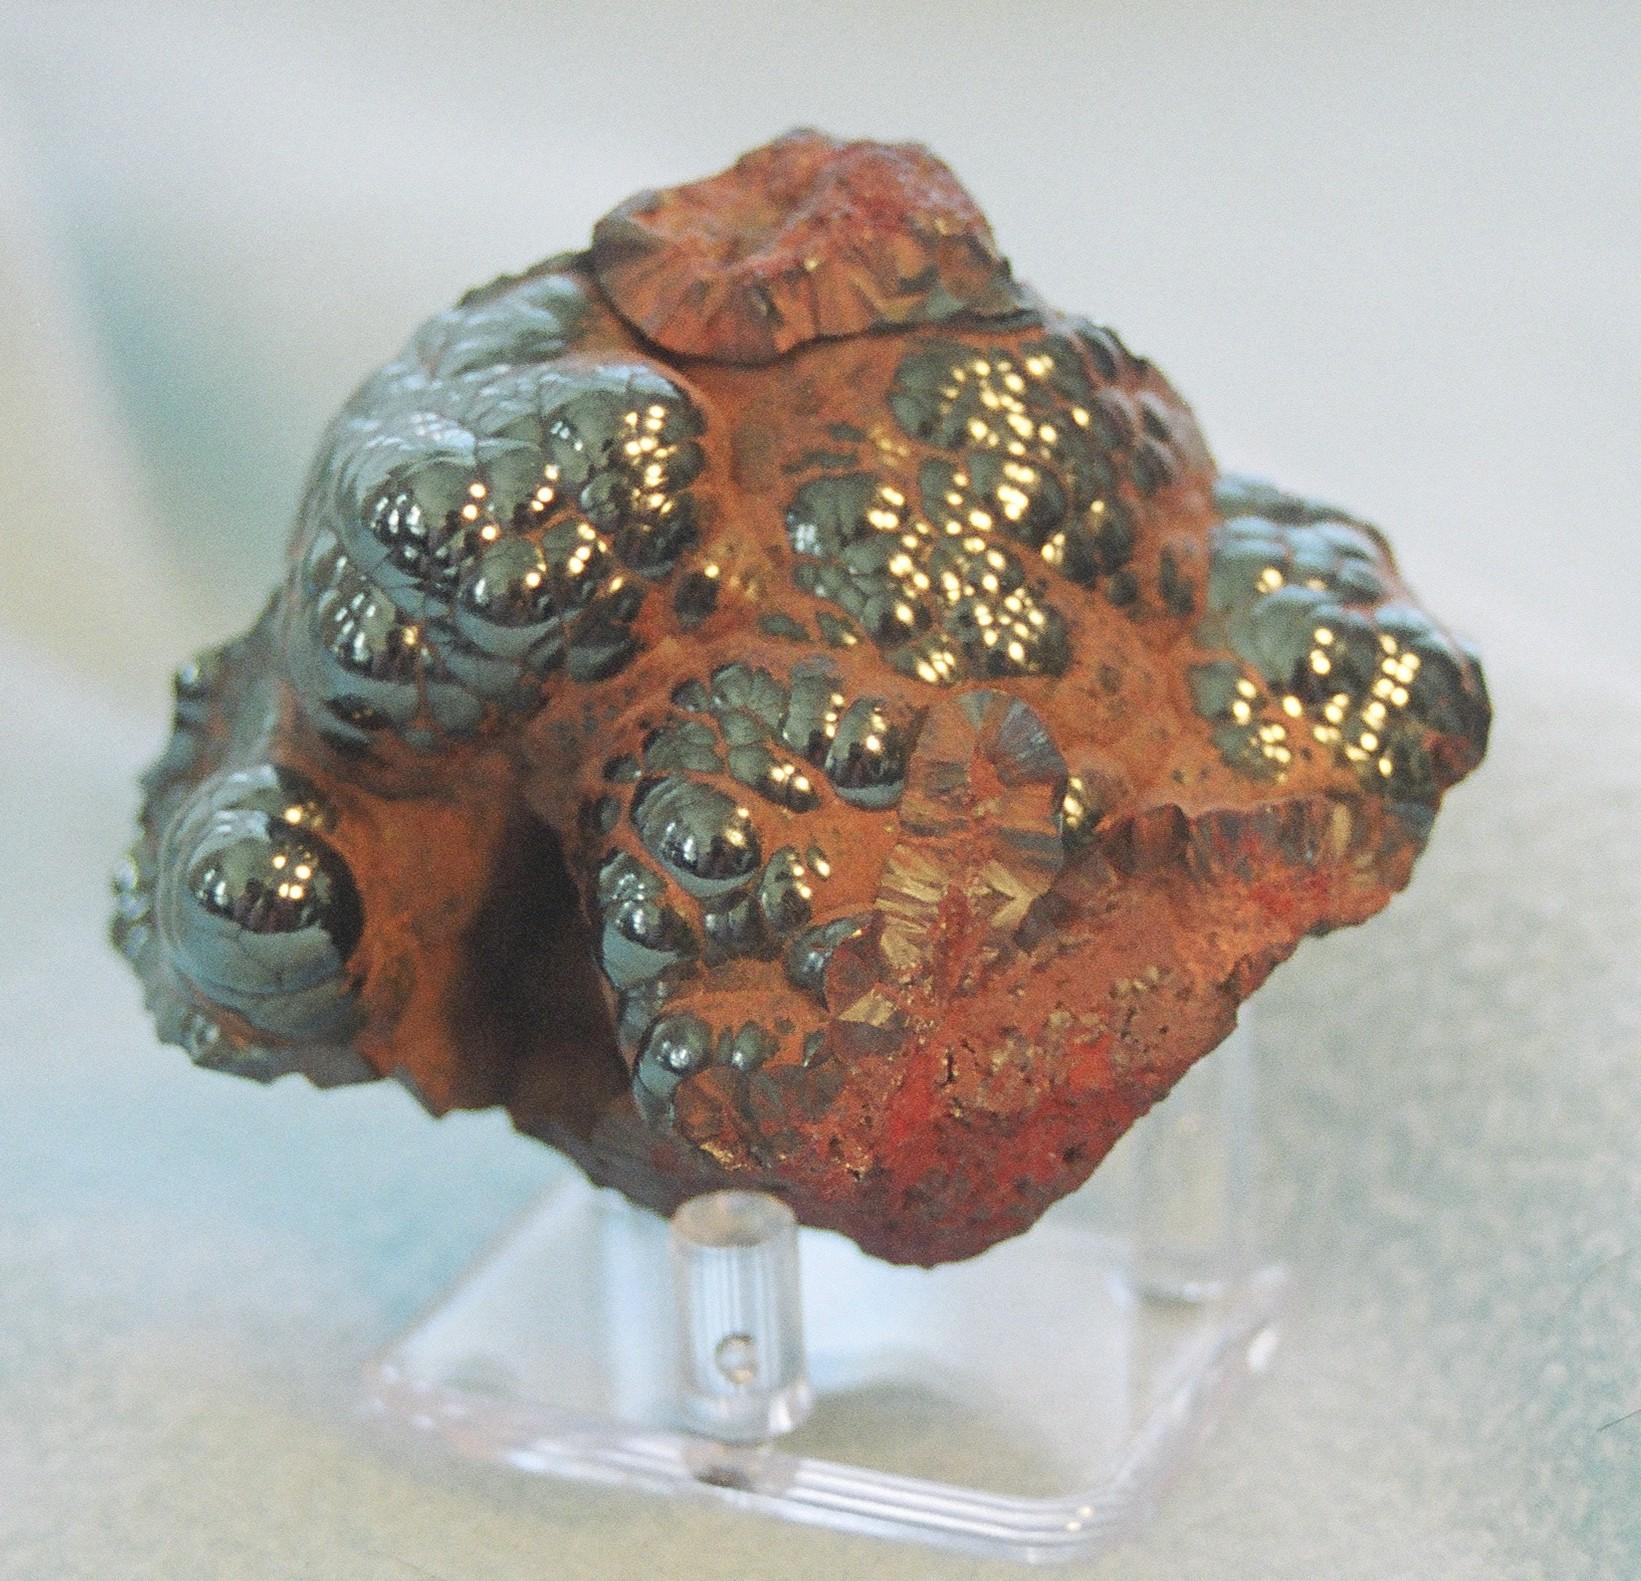 Hematite from Michigan